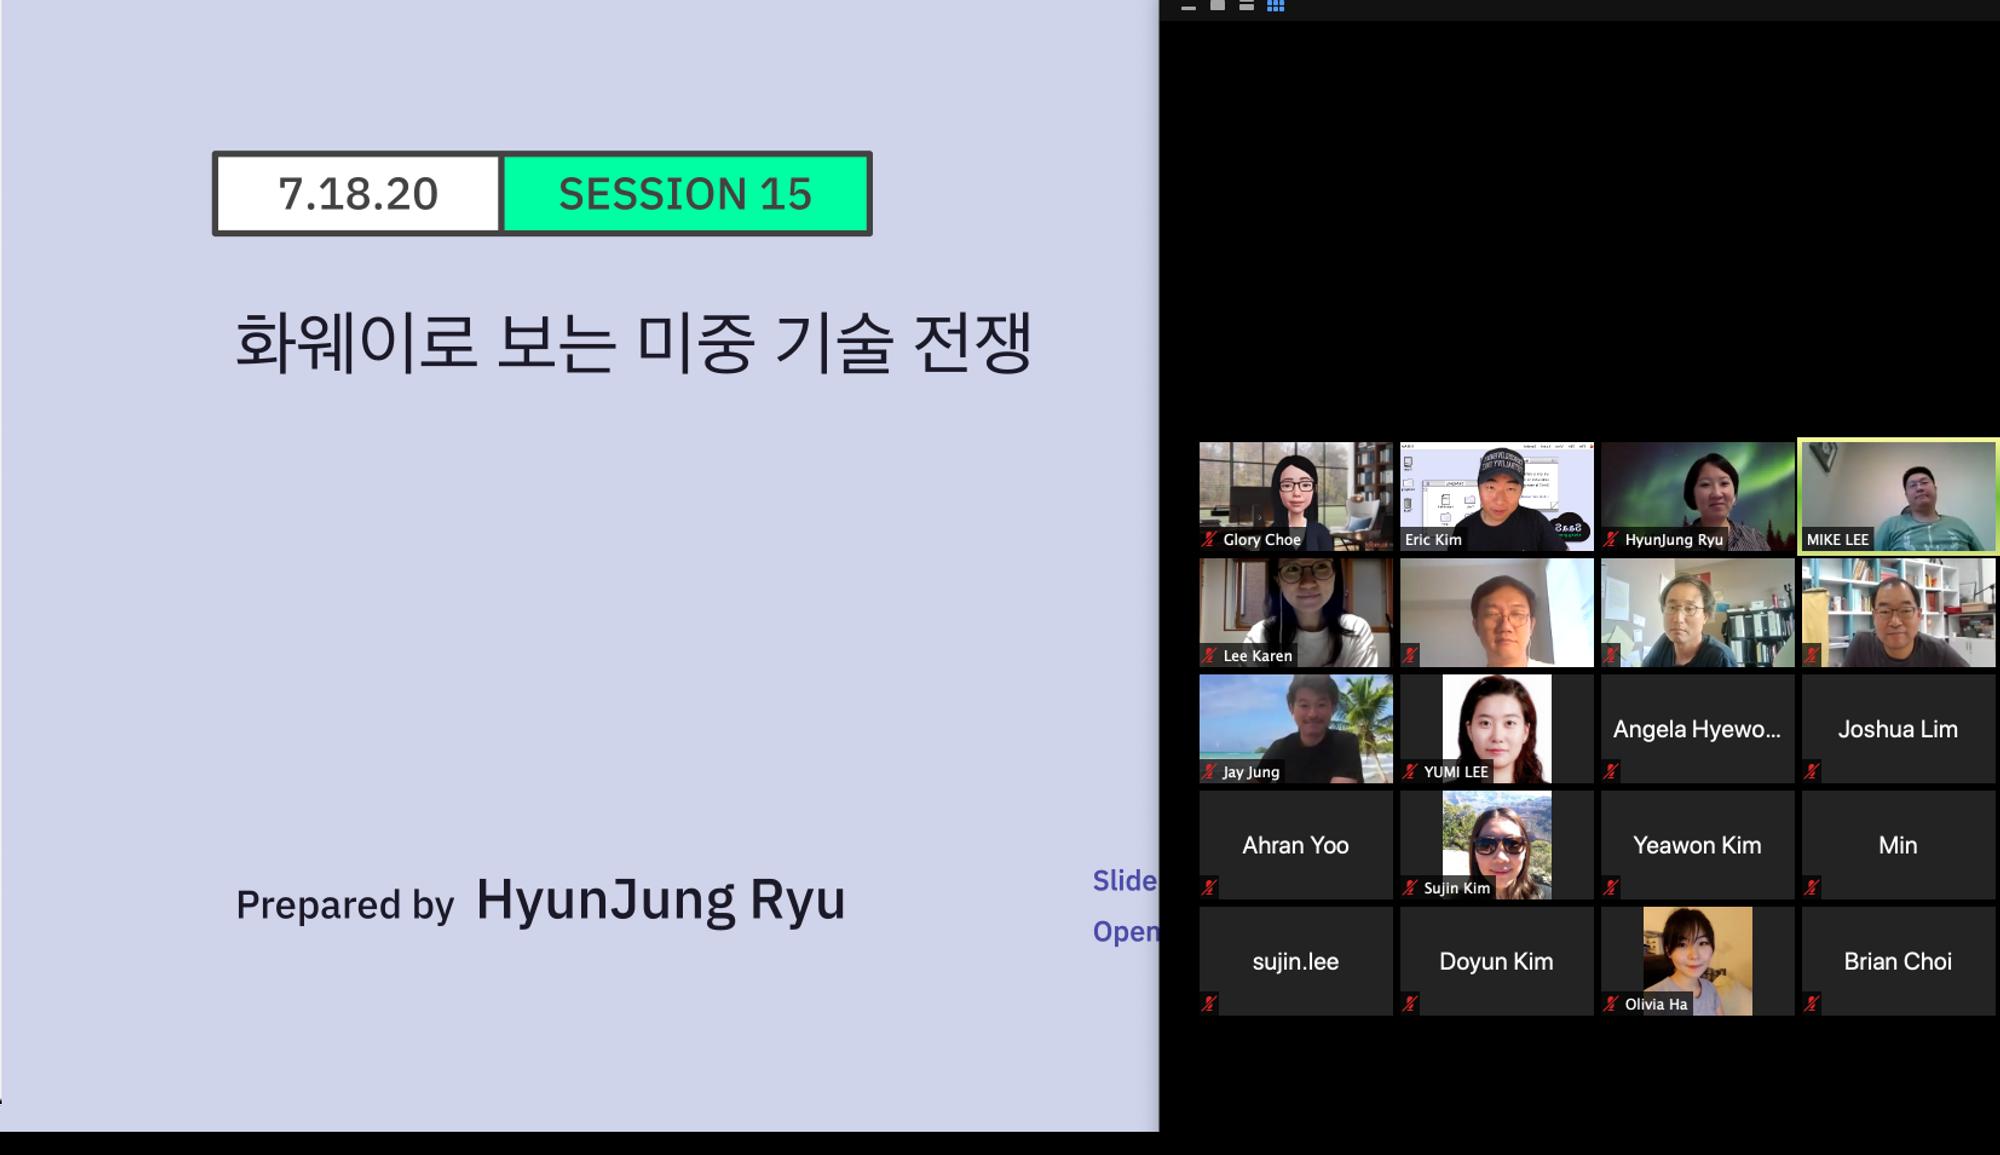 Screen_Shot_2020-07-18_at_6.09.43_PM.png